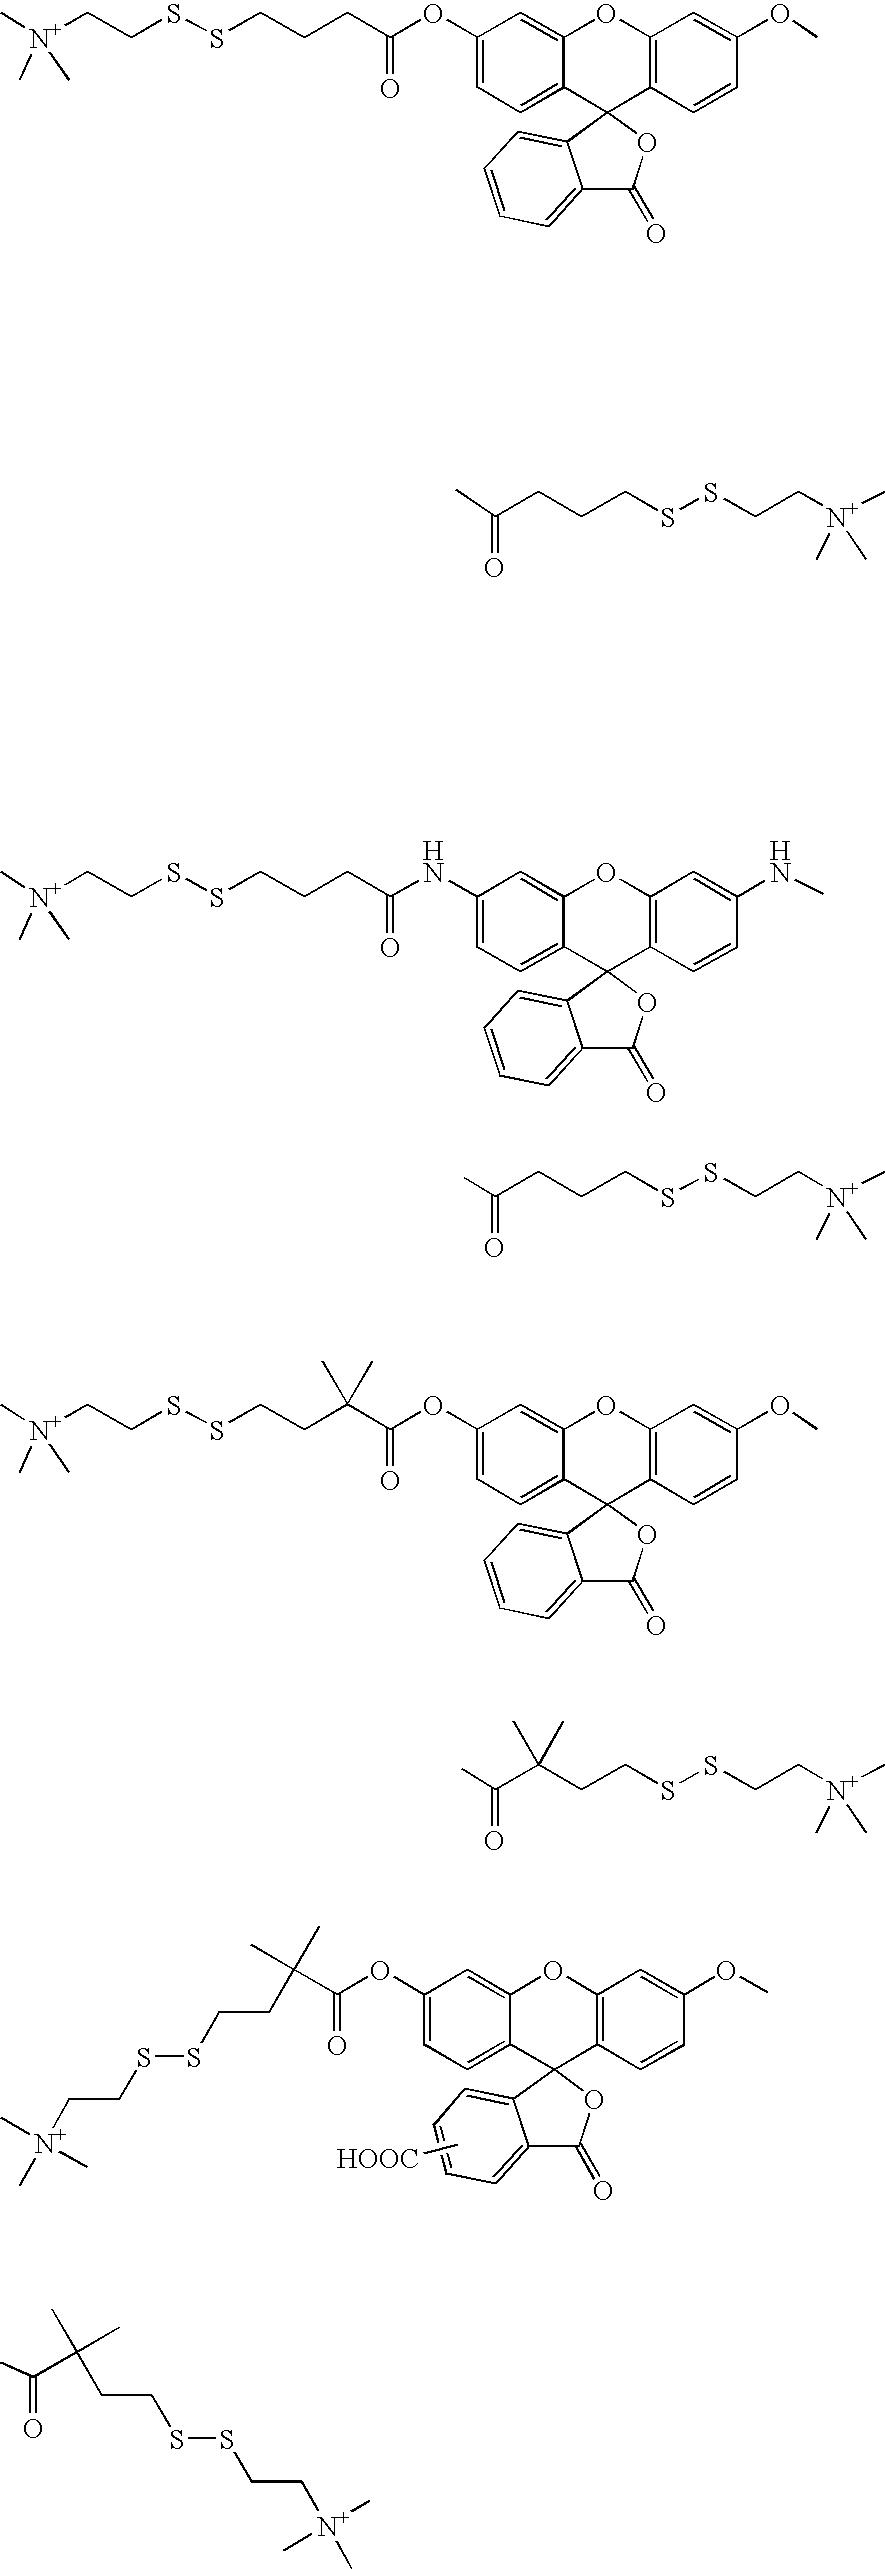 Figure US07704756-20100427-C00021